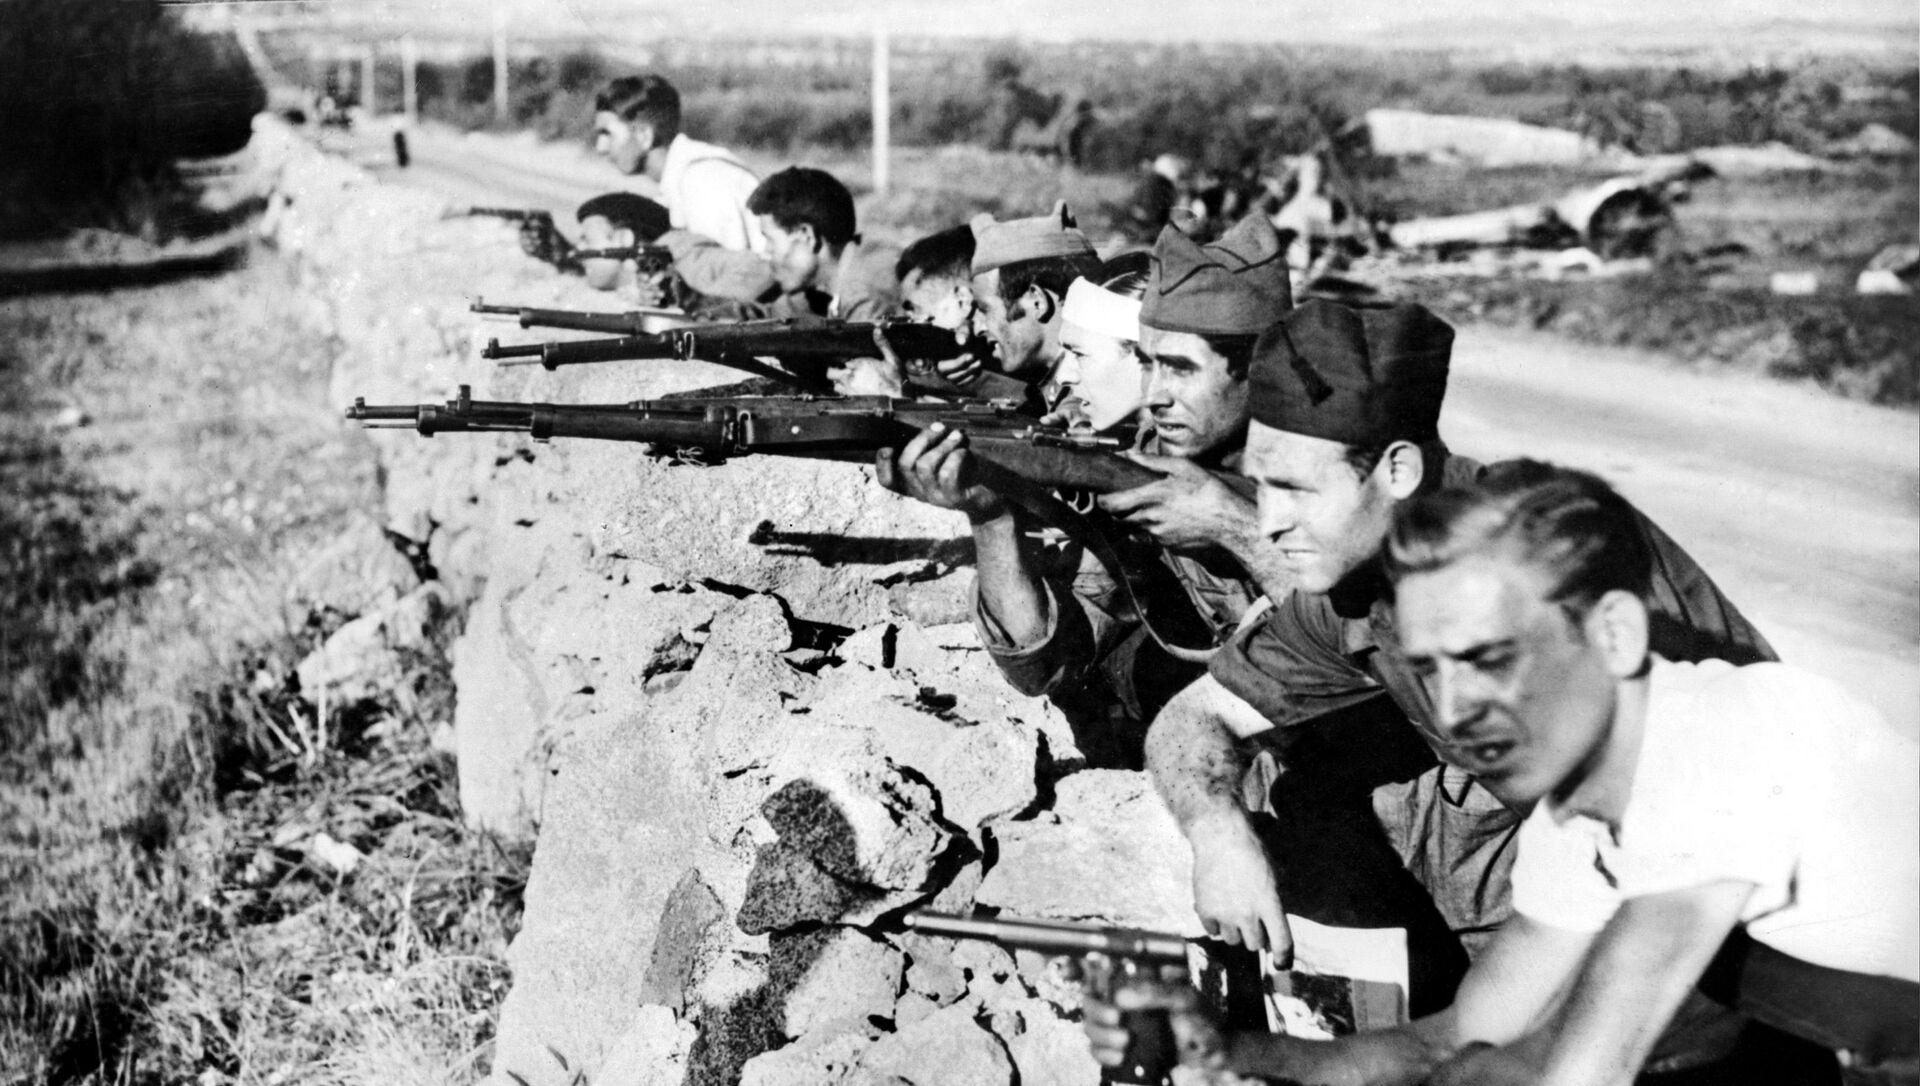 Milicianos republicanos durante la Guerra Civil Española - Sputnik Mundo, 1920, 15.11.2020